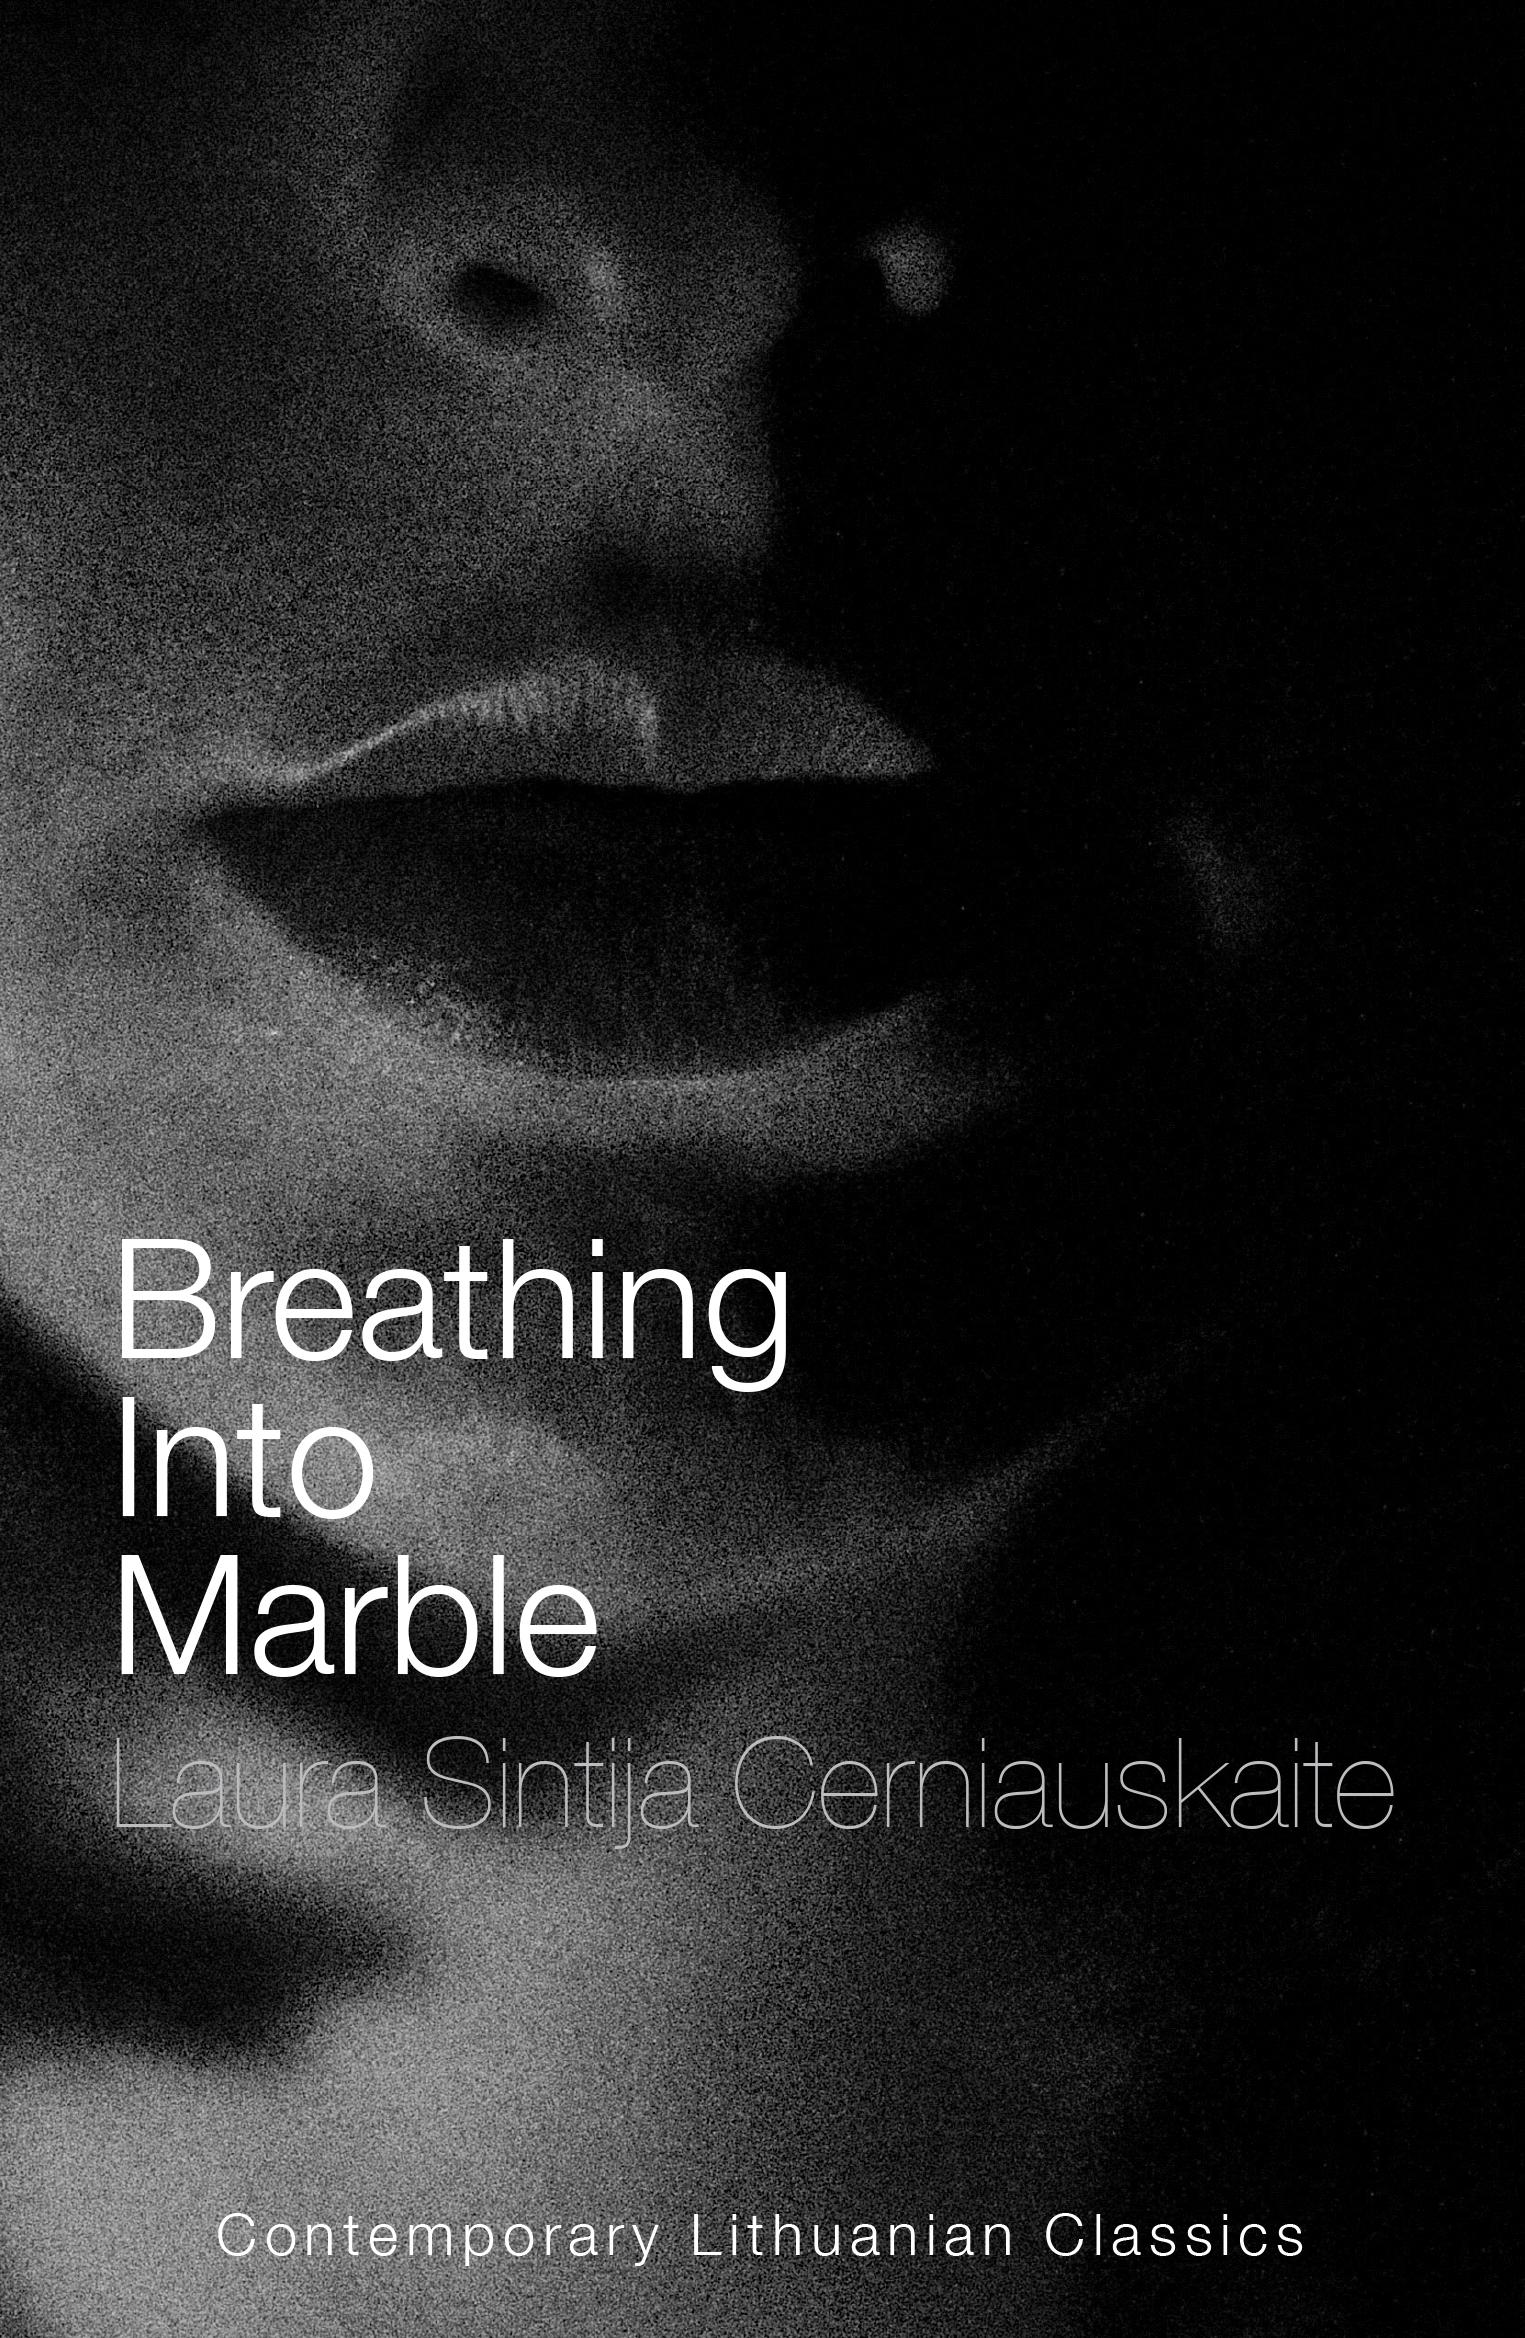 Breathing into Marble - Laura Sintija Cerniauskaite